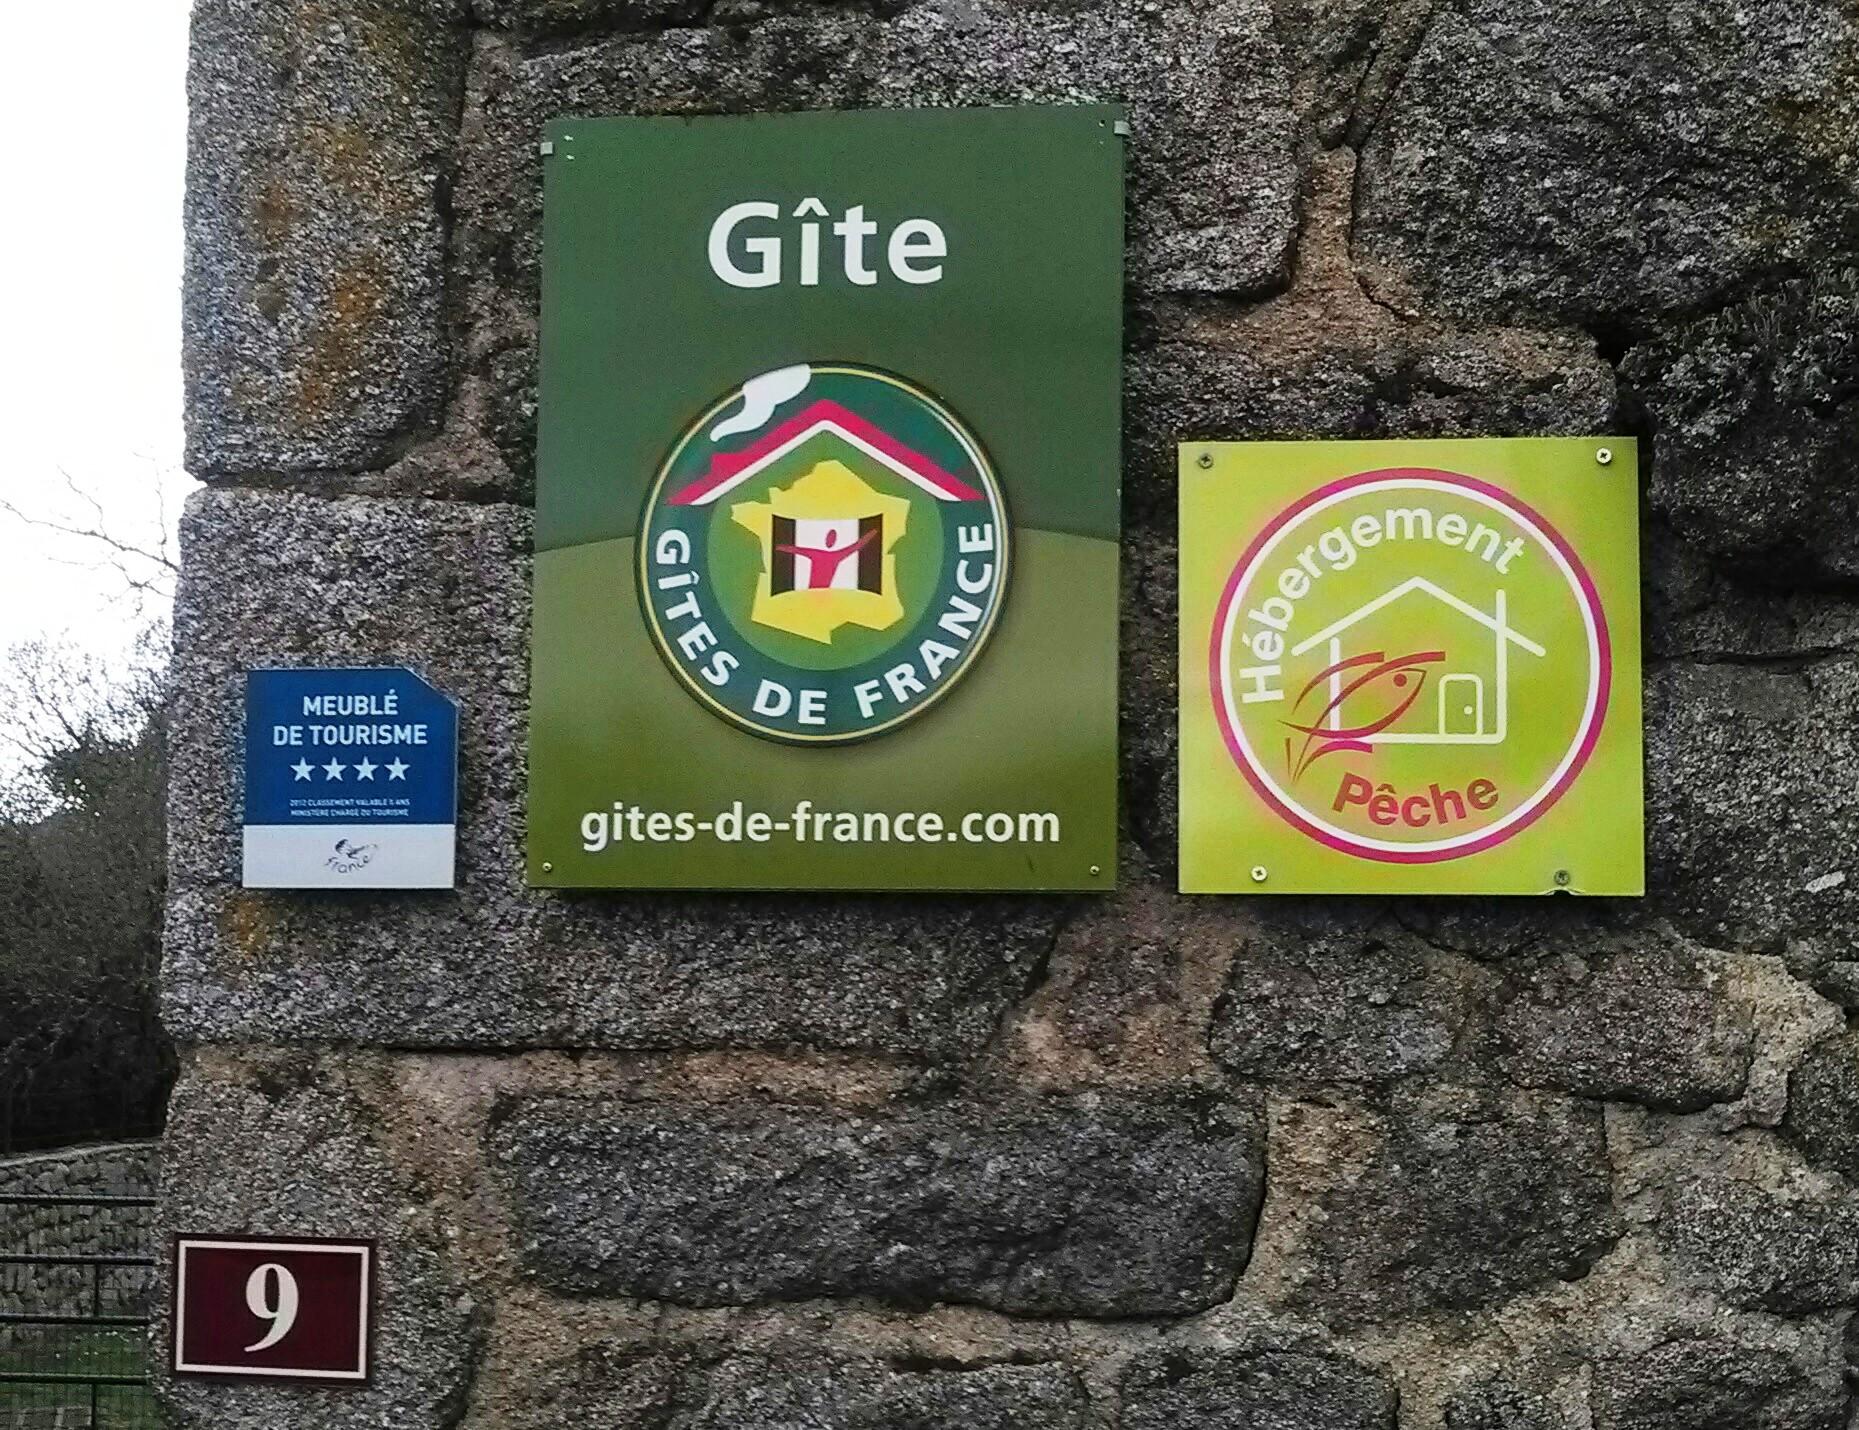 Mes propriétaires  m'on fait classé Meublé de tourisme 4*,Gite rural 3 épis,Maison écogestes,hébergement pêche.